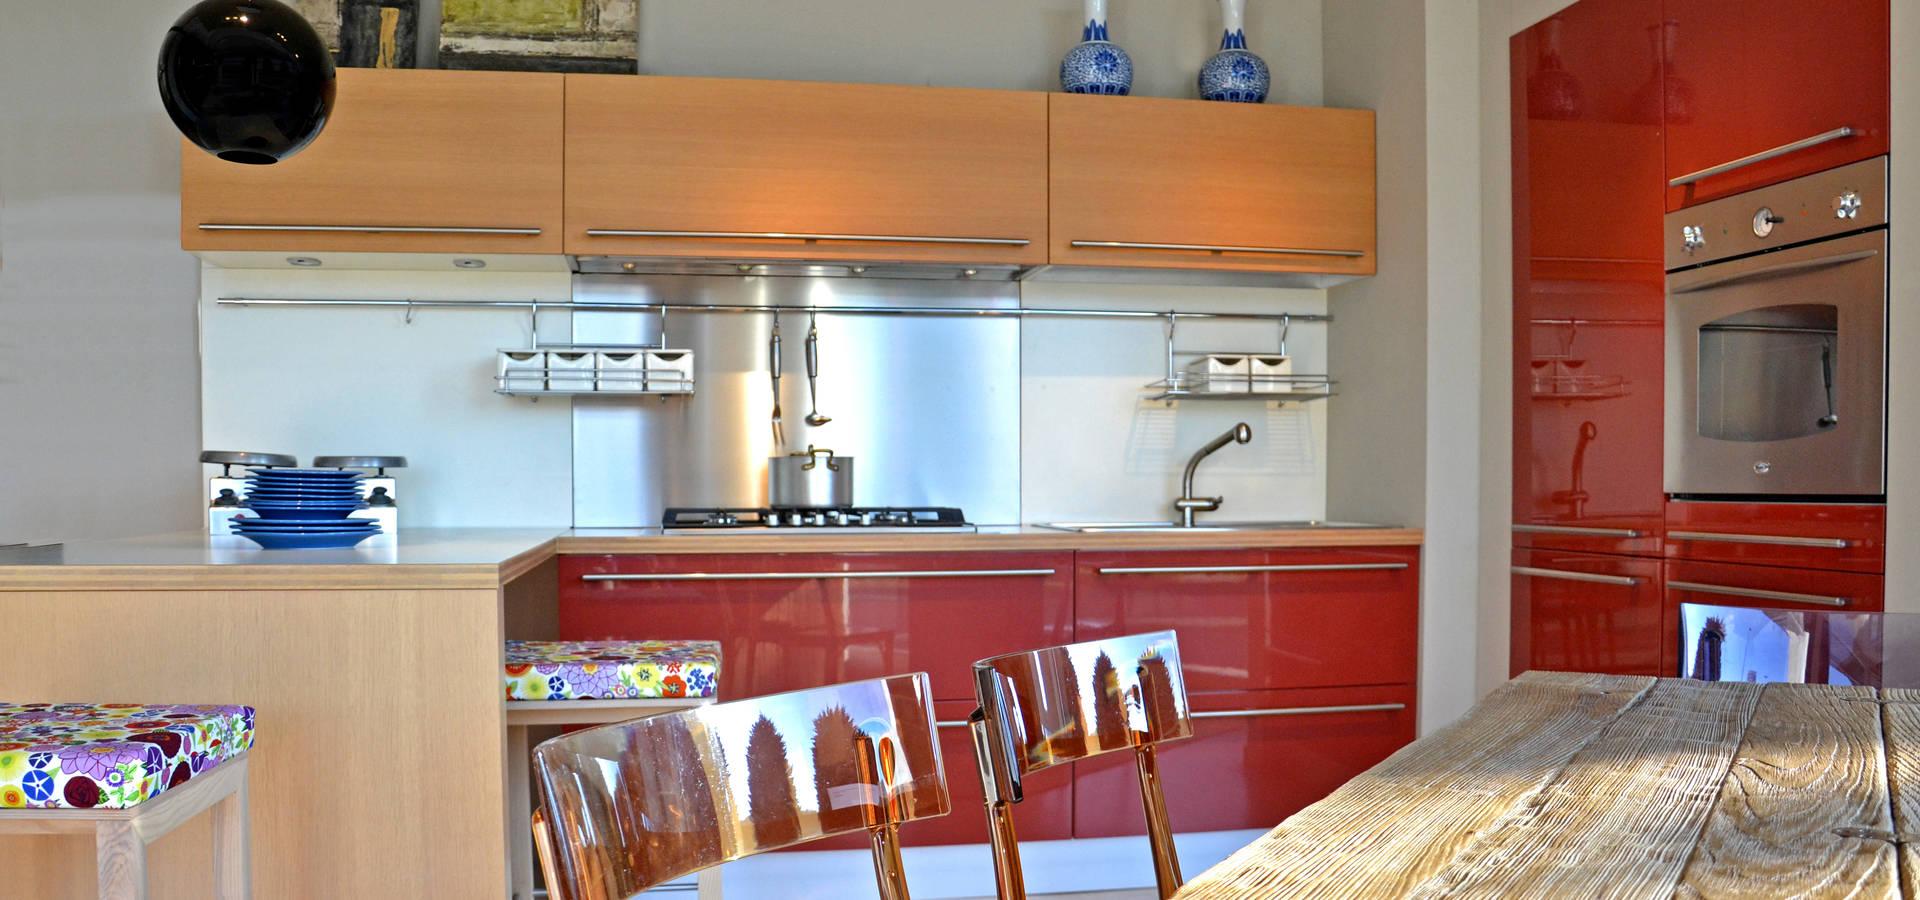 Cucine soggiorni di architetti di casa homify for Case di architetti